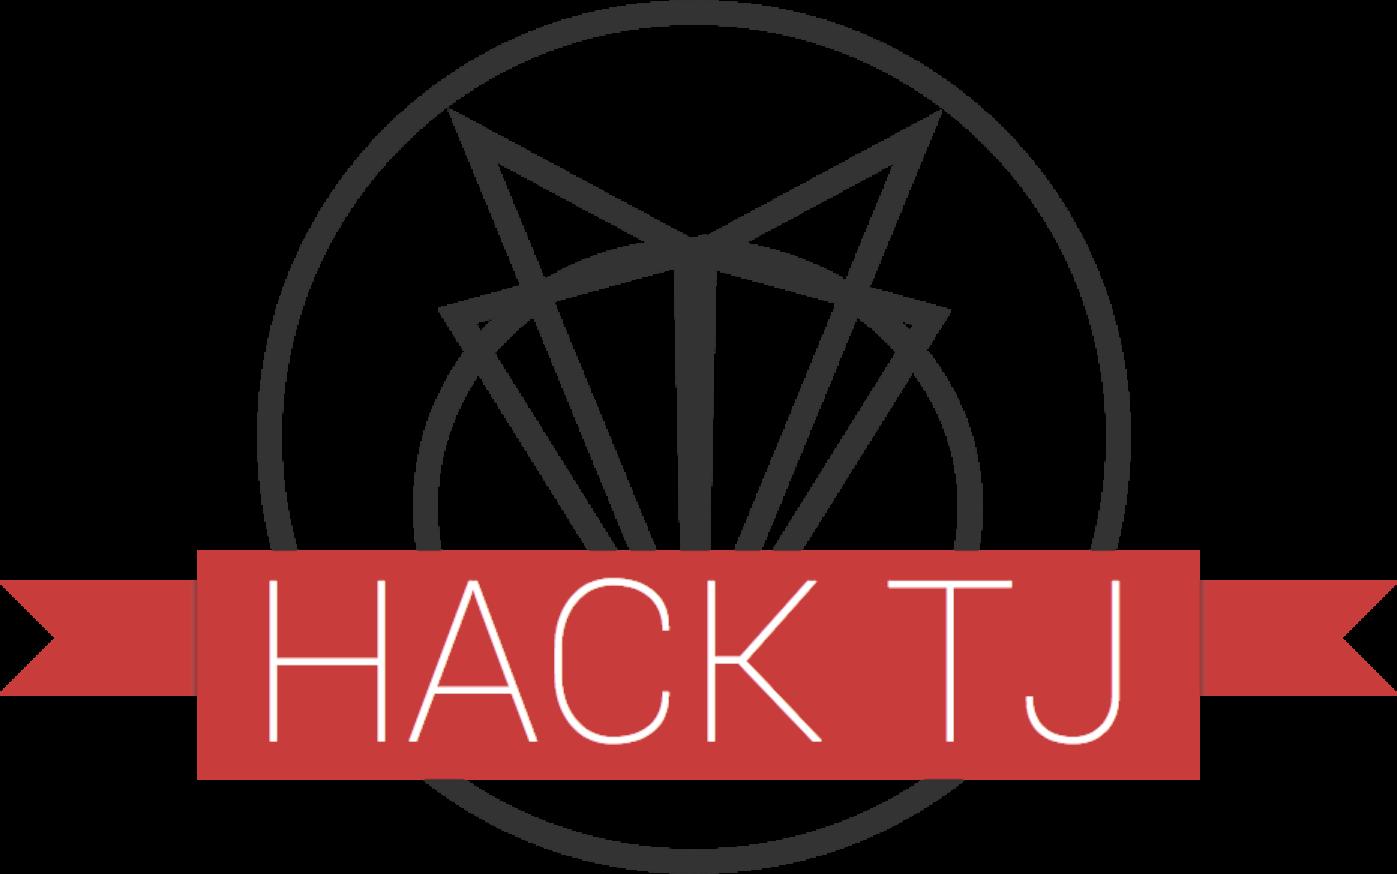 HackTJ